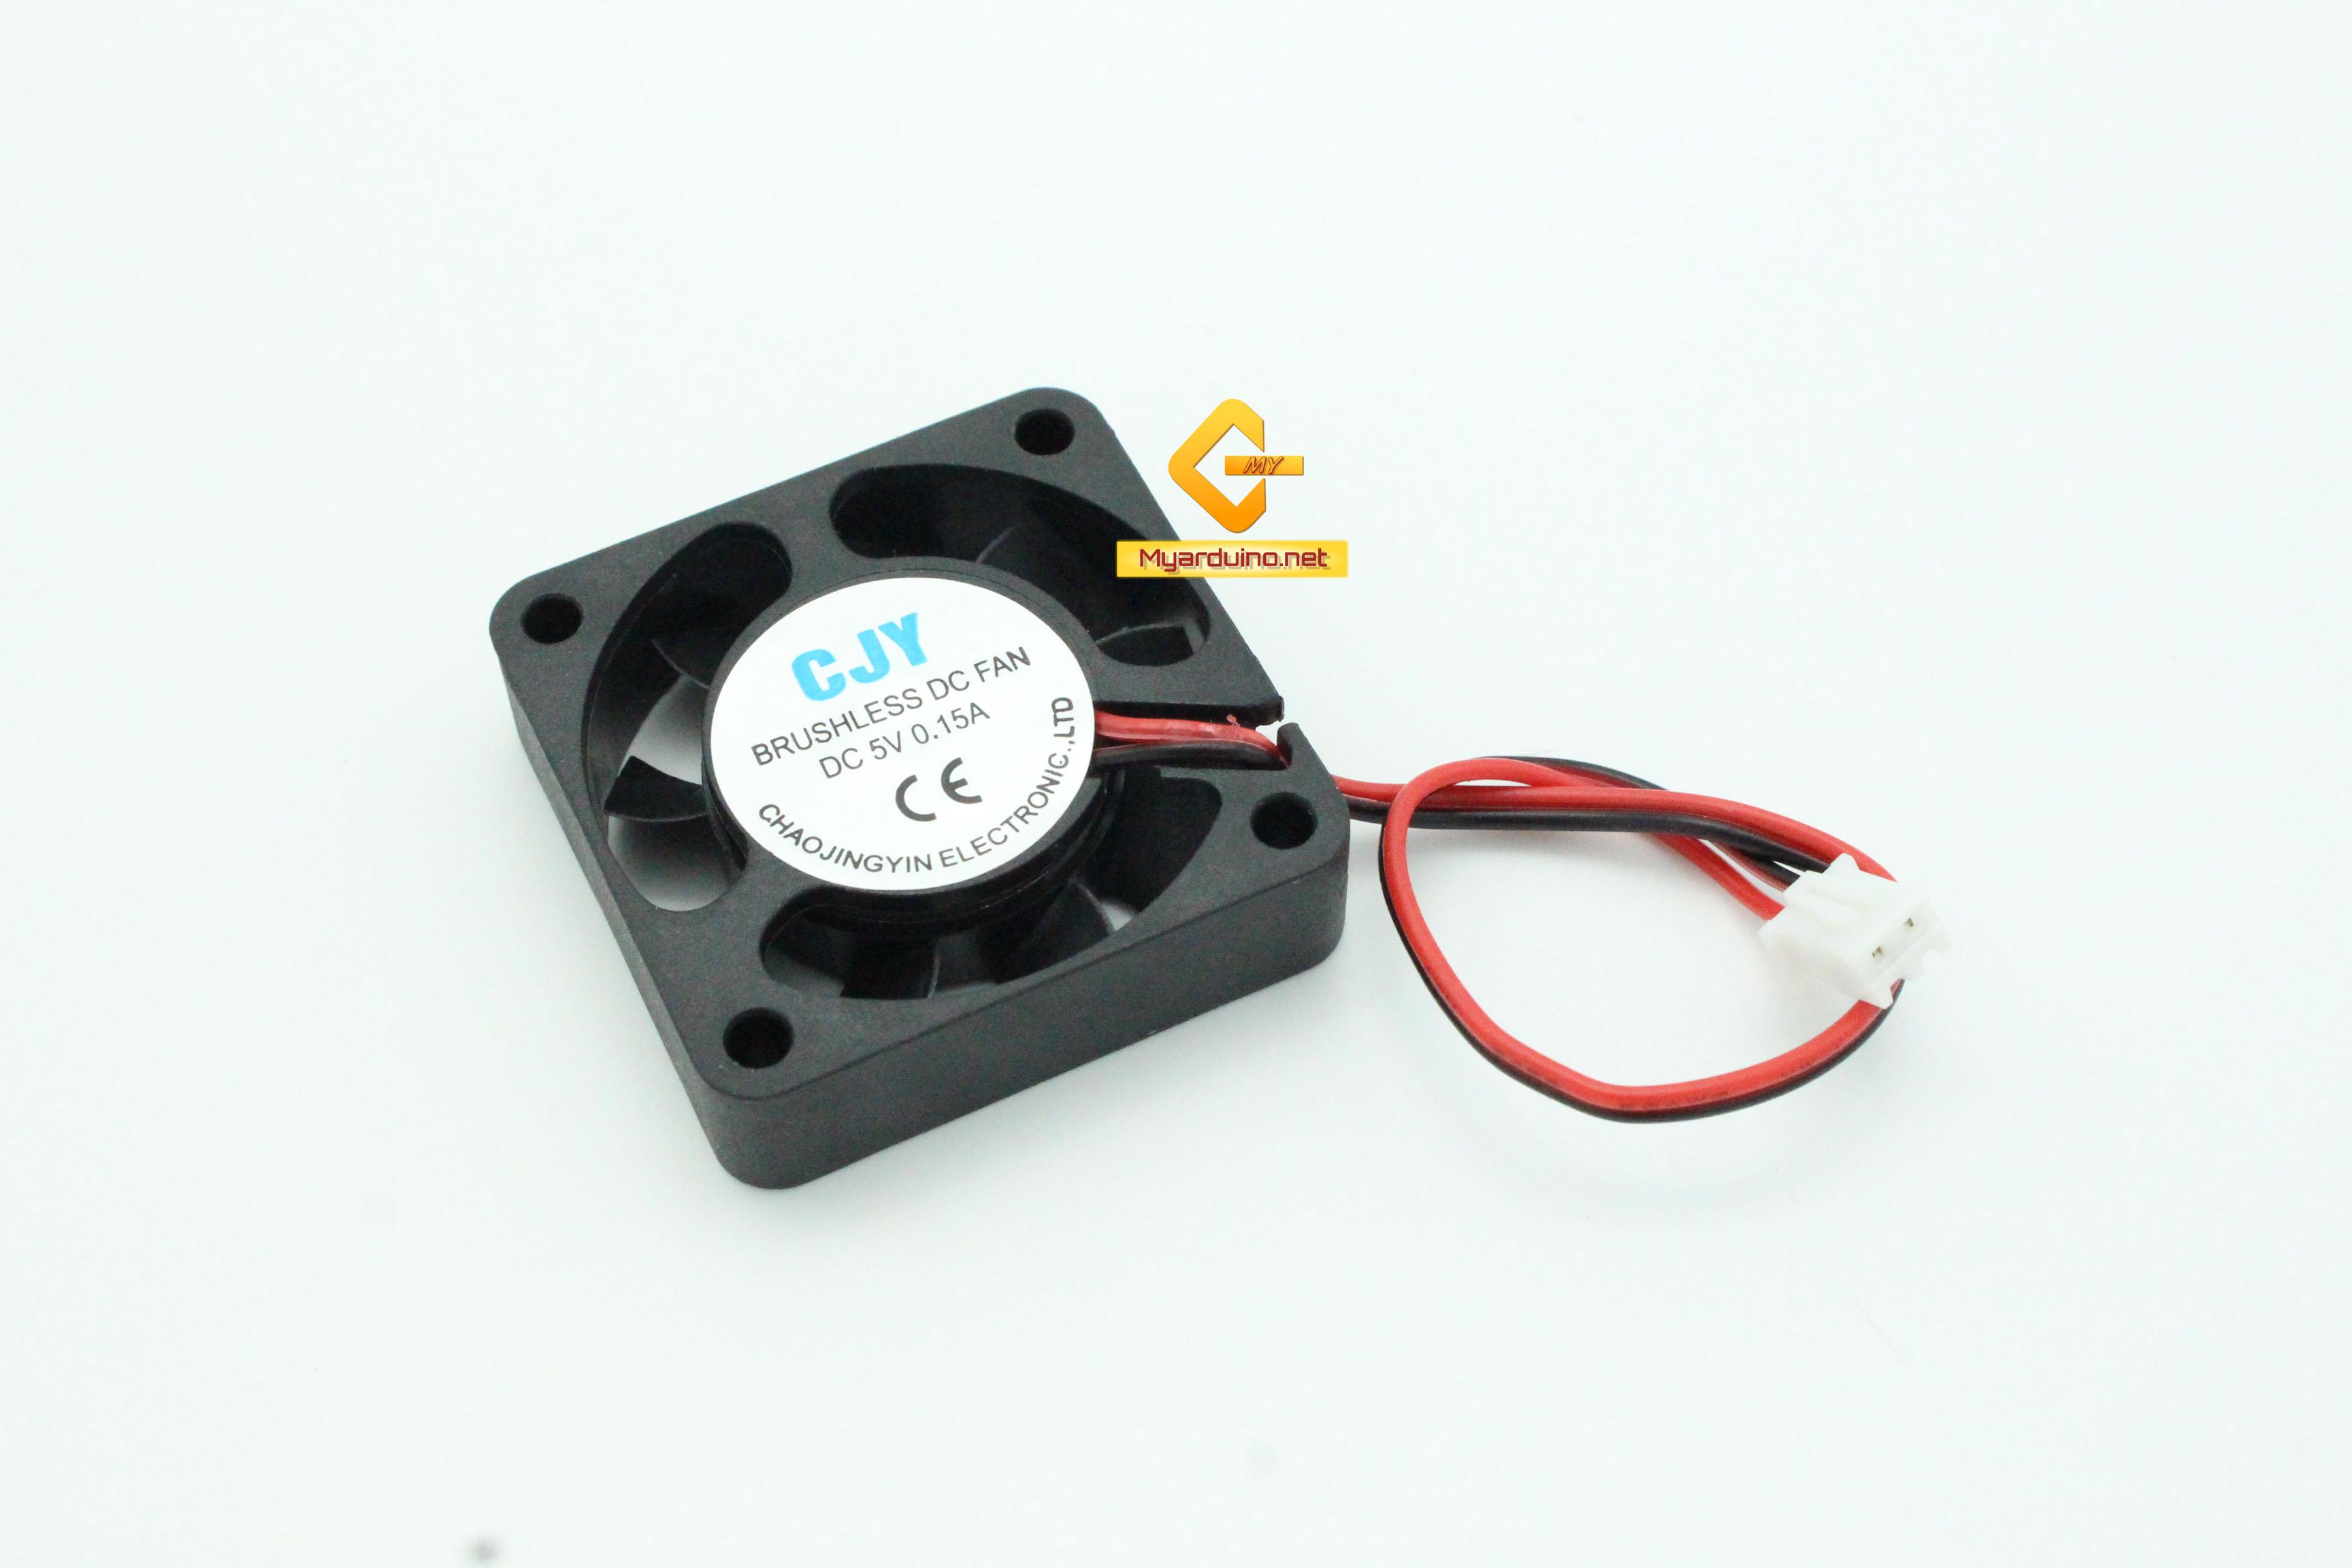 พัดลมระบายความร้อน 2สาย 4cm*4cm 5V